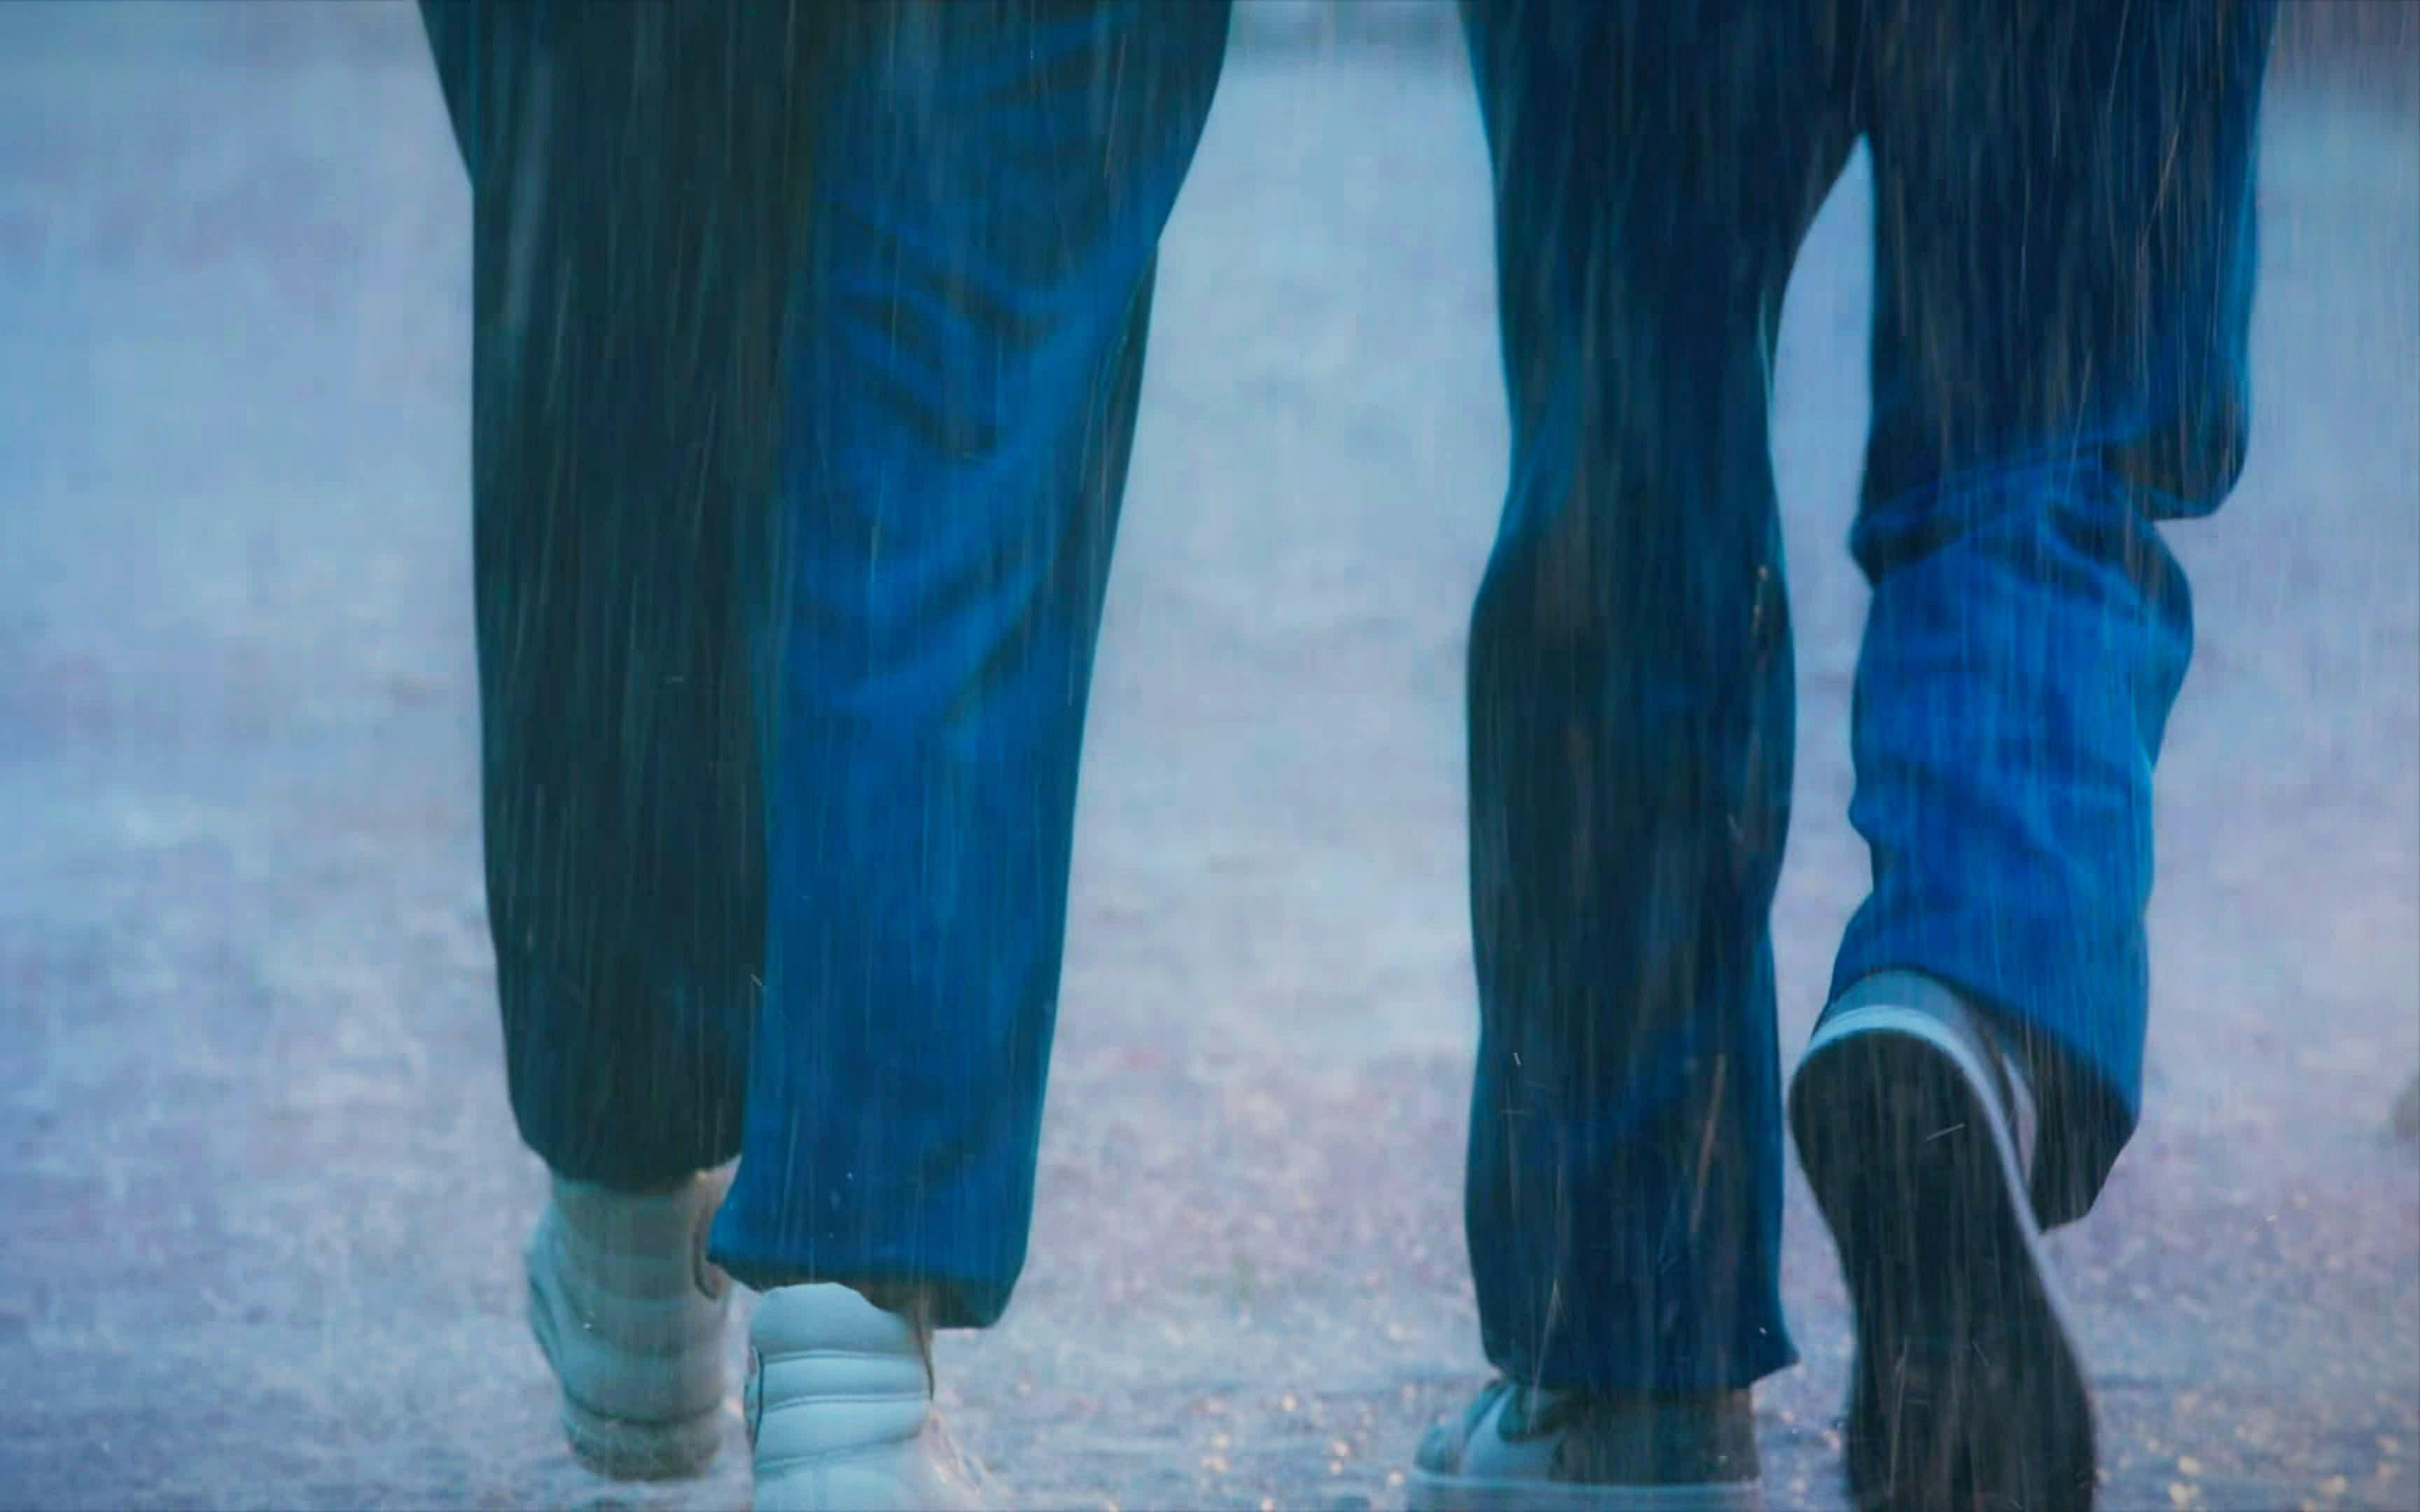 【你好旧时光】【林杨余周周】【张新成李兰迪】【林杨夫妇】如果你爱我(一)(持更中)